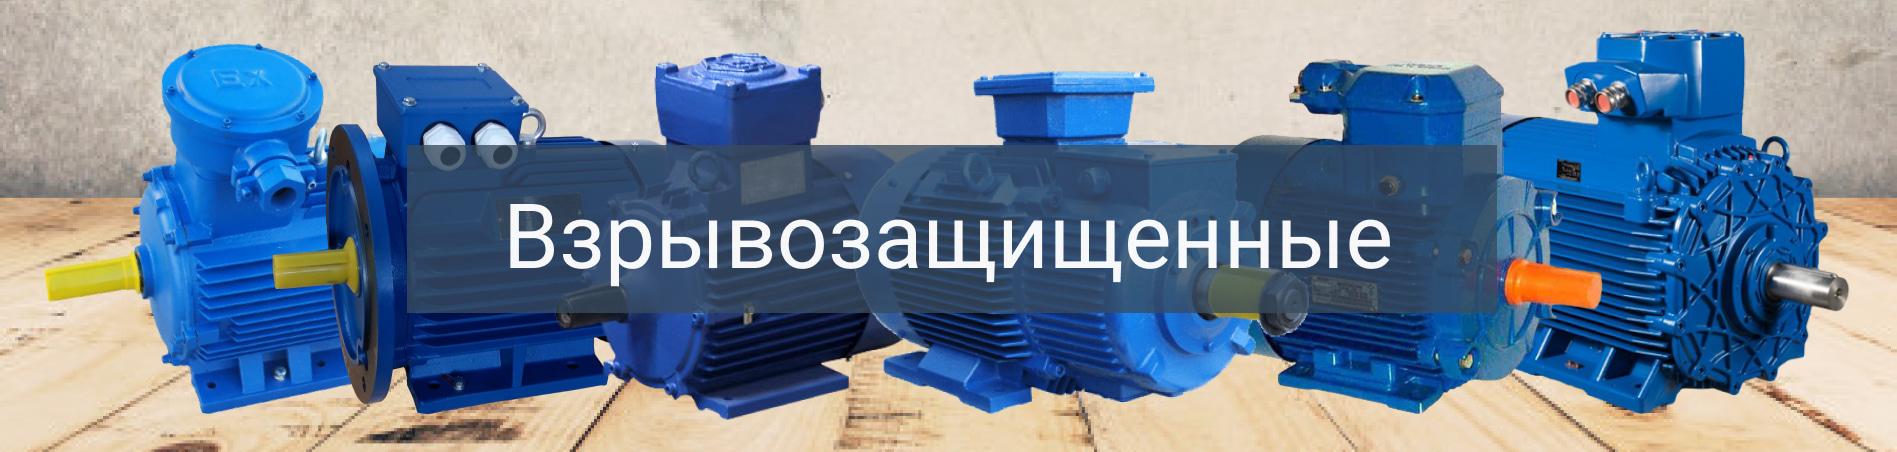 Взрывозащищенные электродвигатели 75 квт